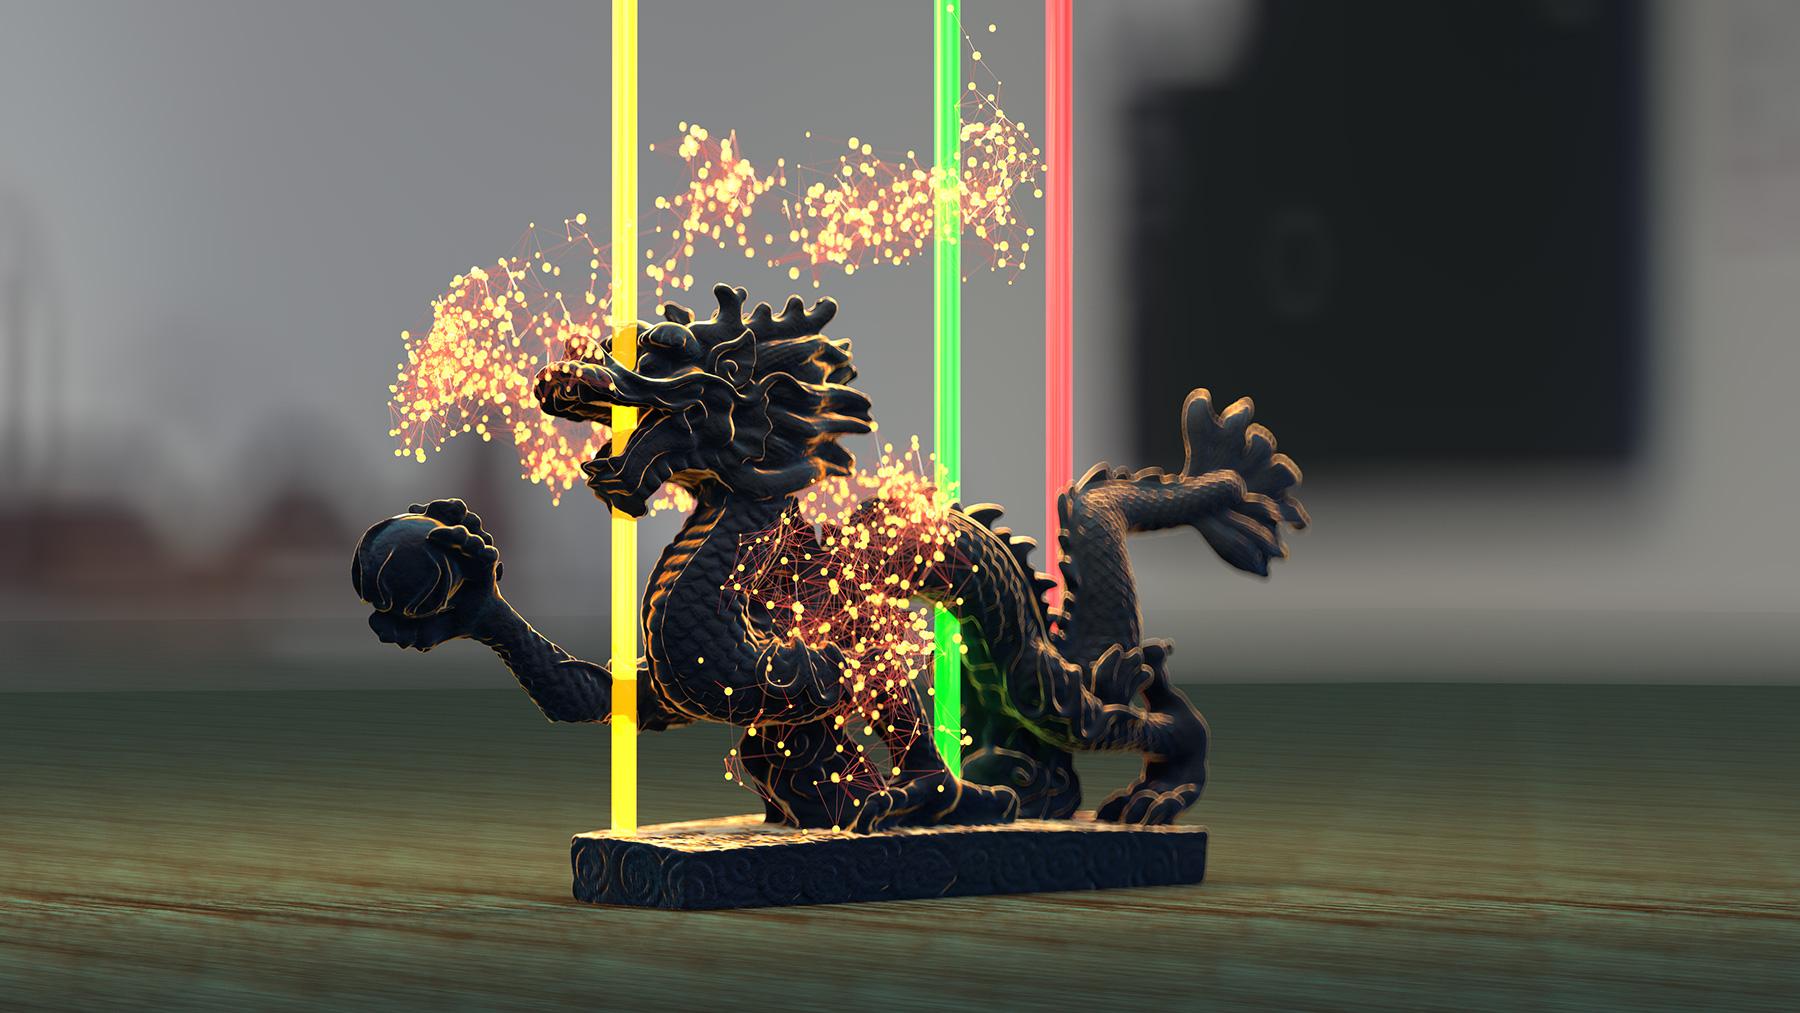 dragon_20201014-001.jpg